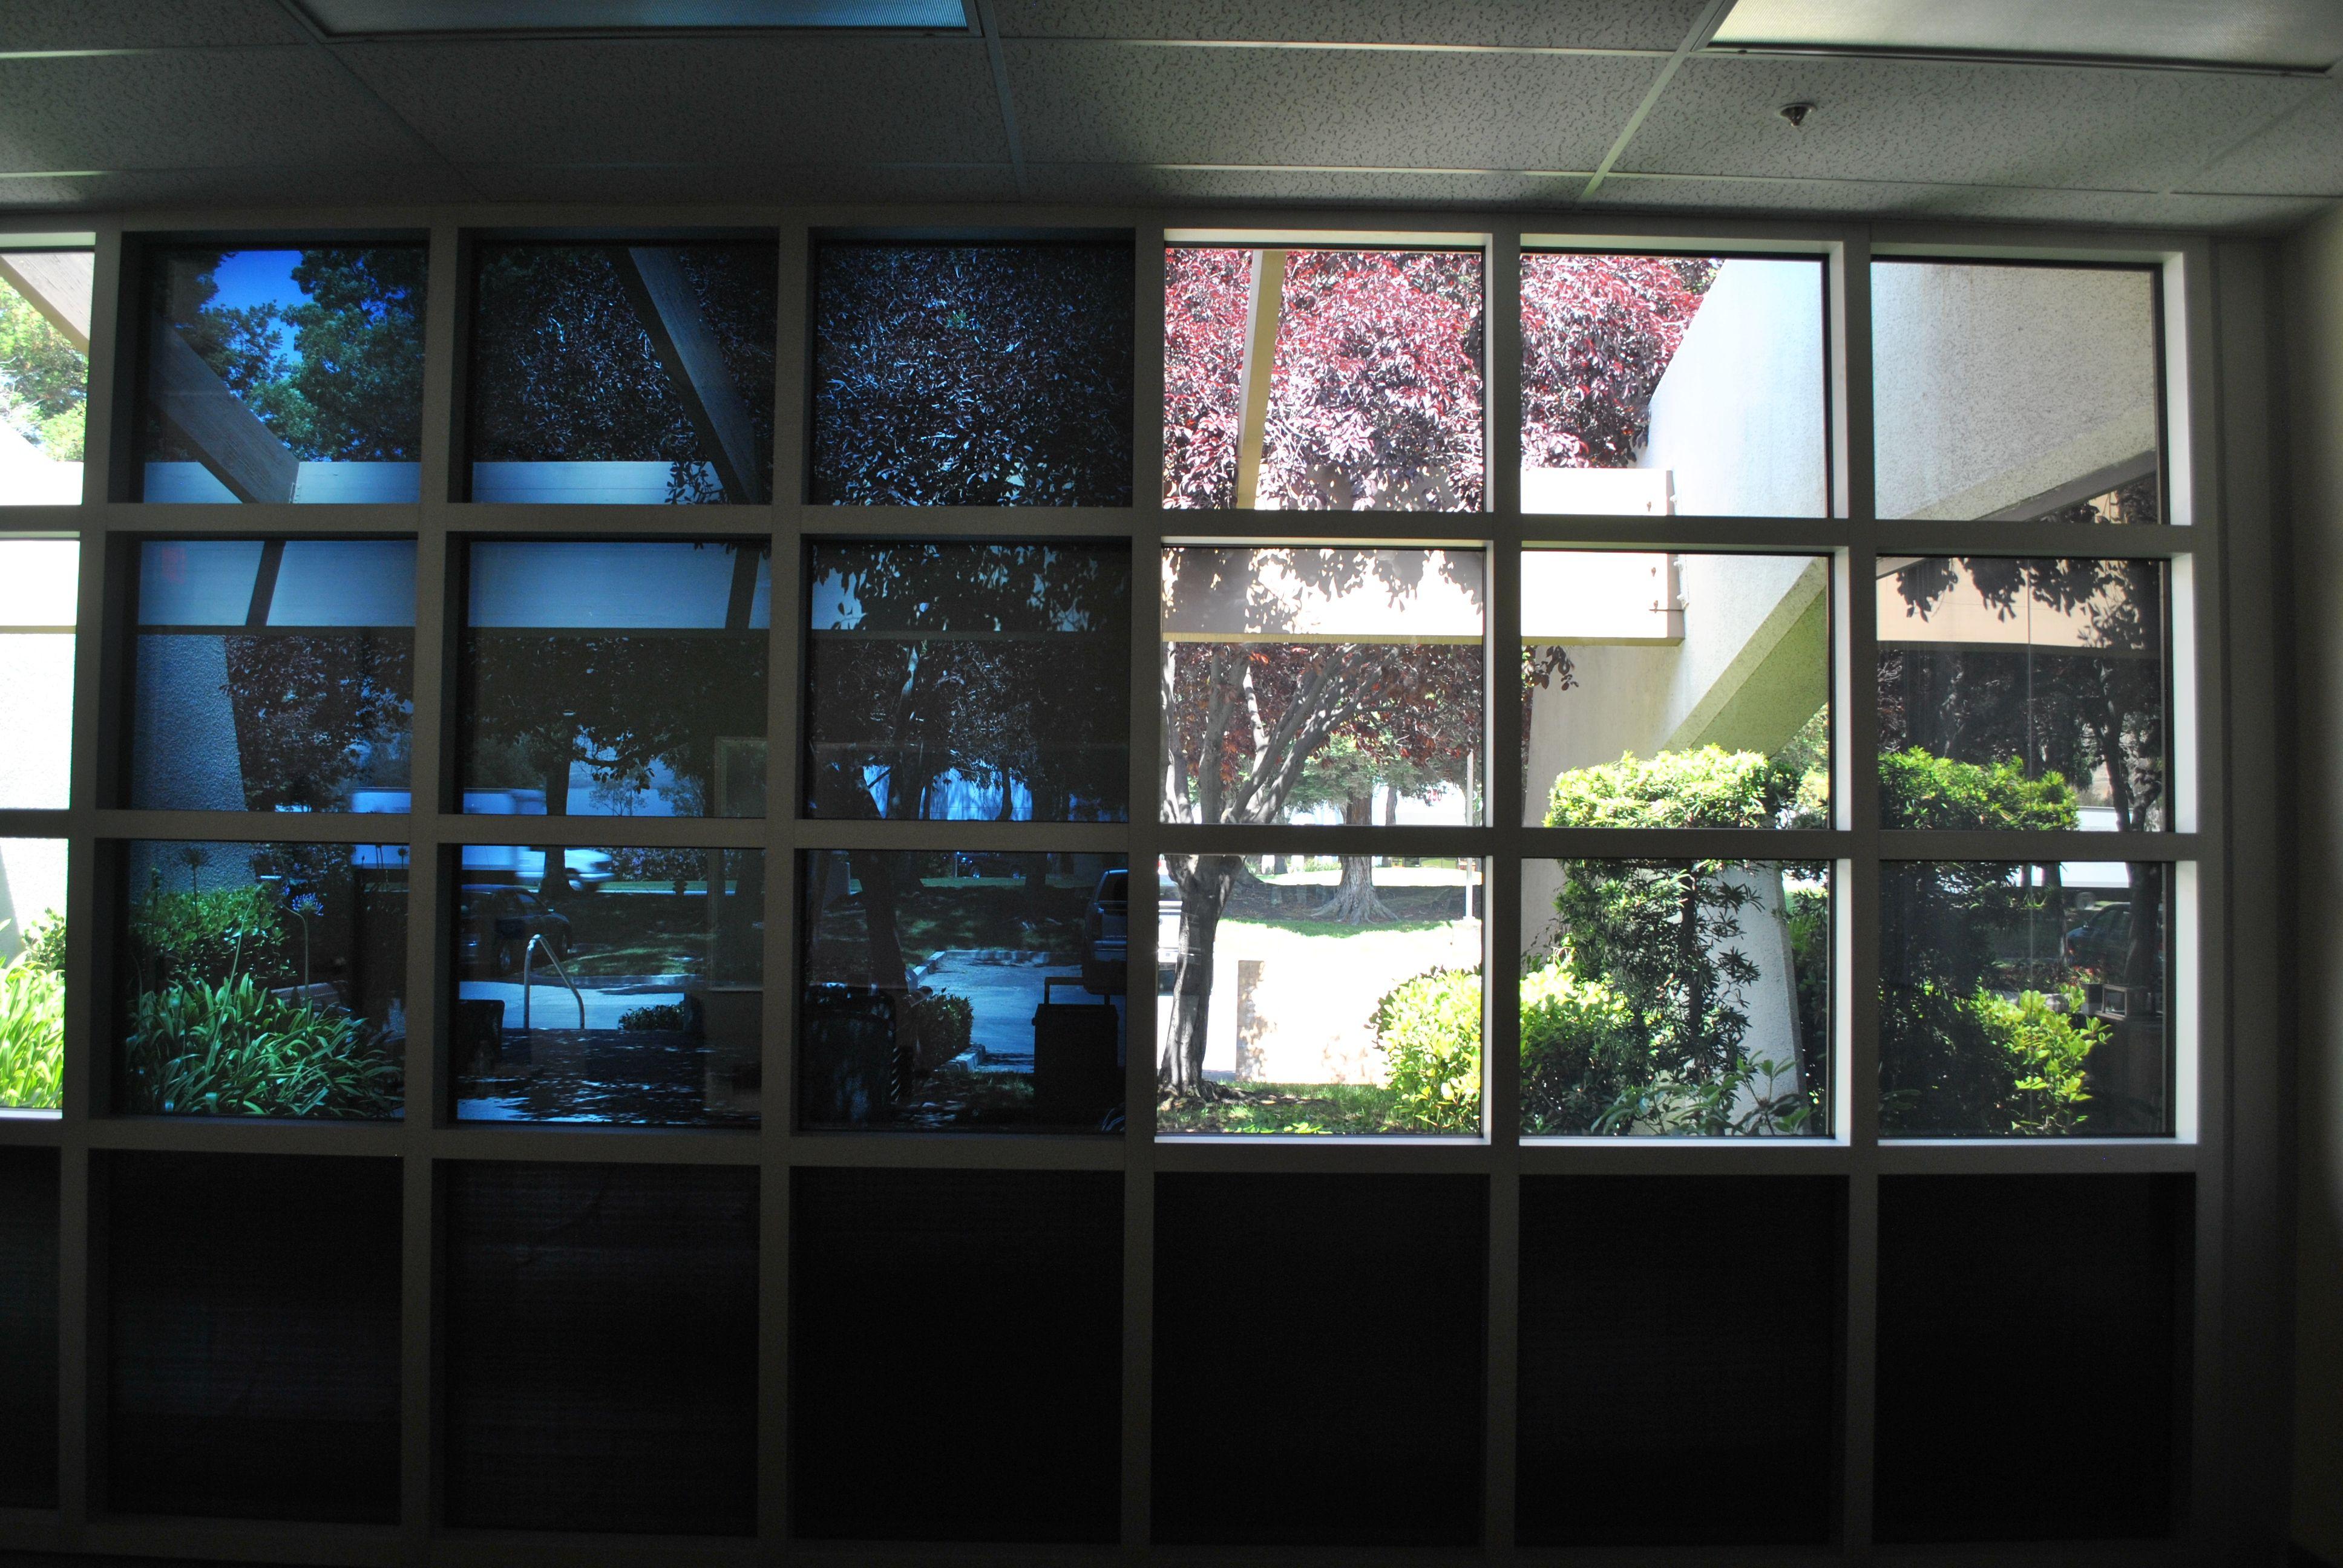 Soladigm windows